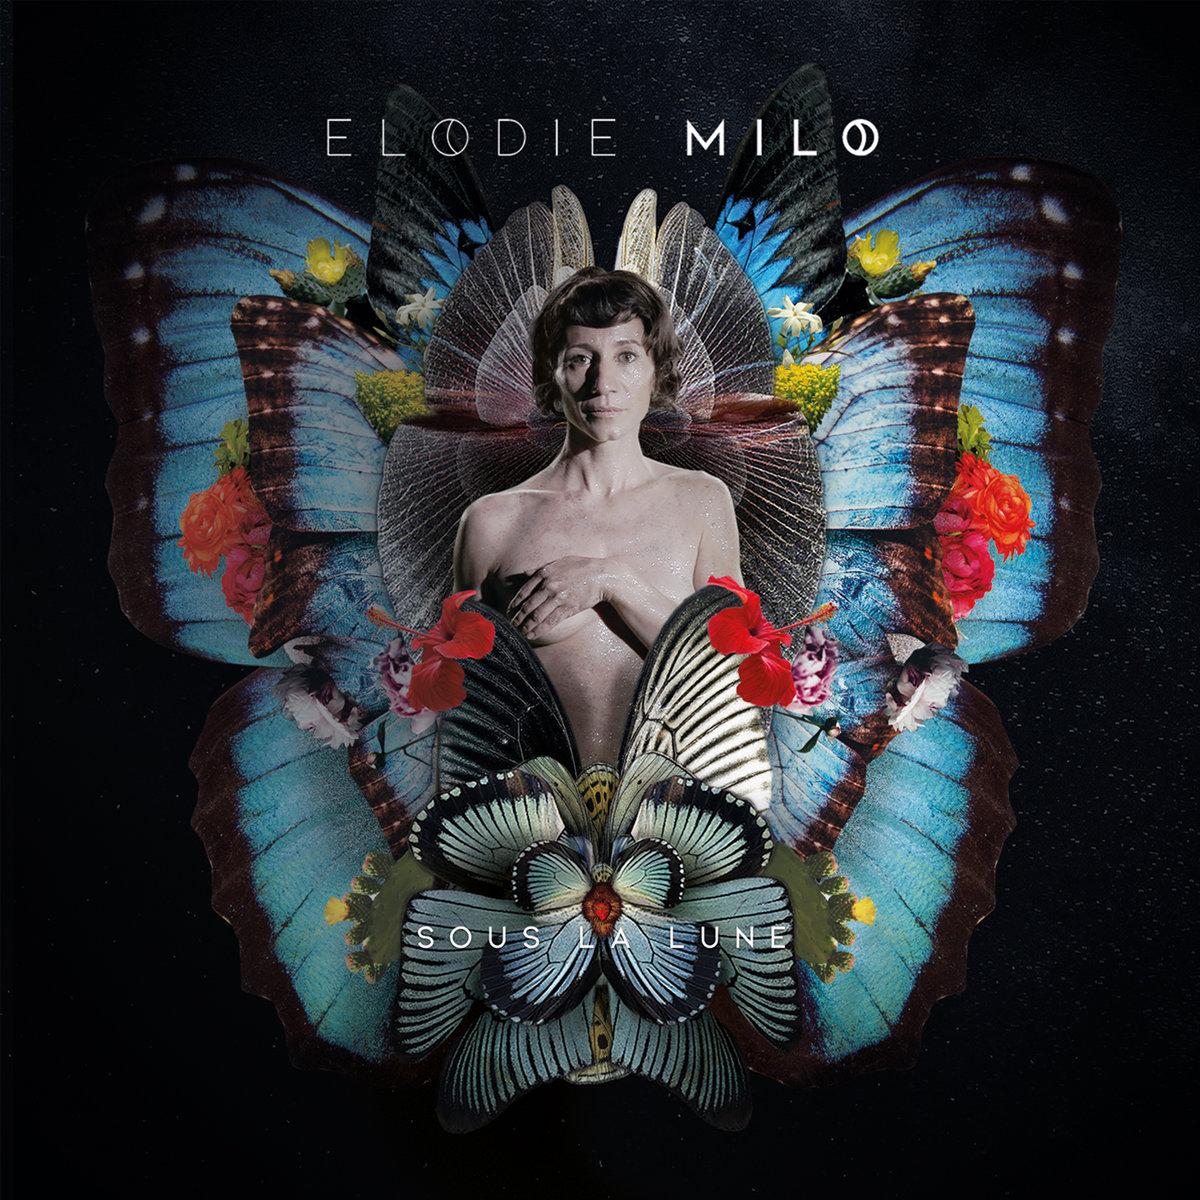 Elodie Milo - Sous la lune